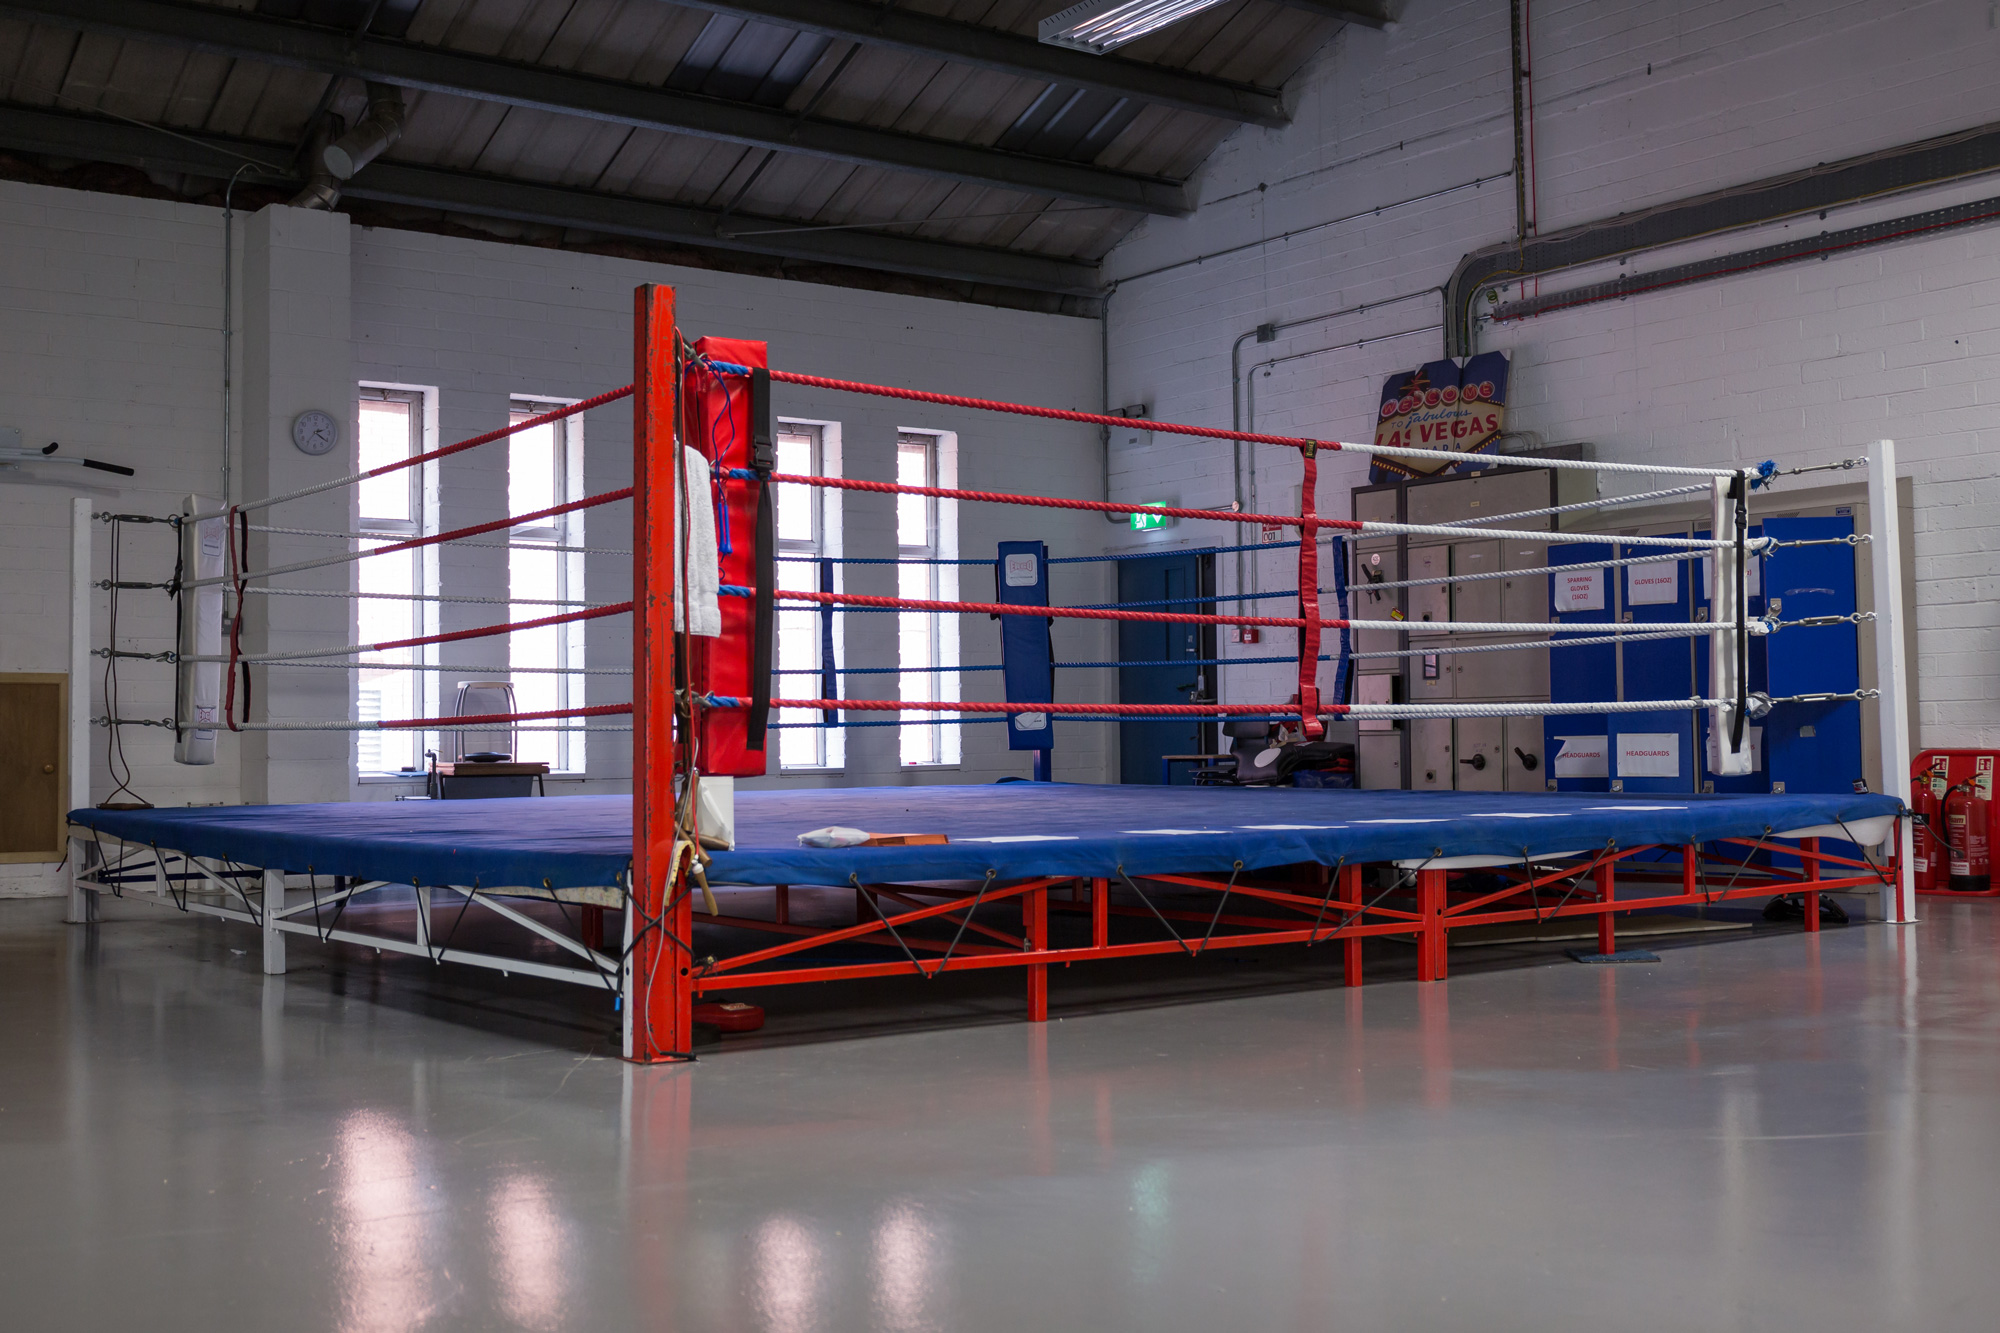 1_Boxing_Ring_WEB.jpg